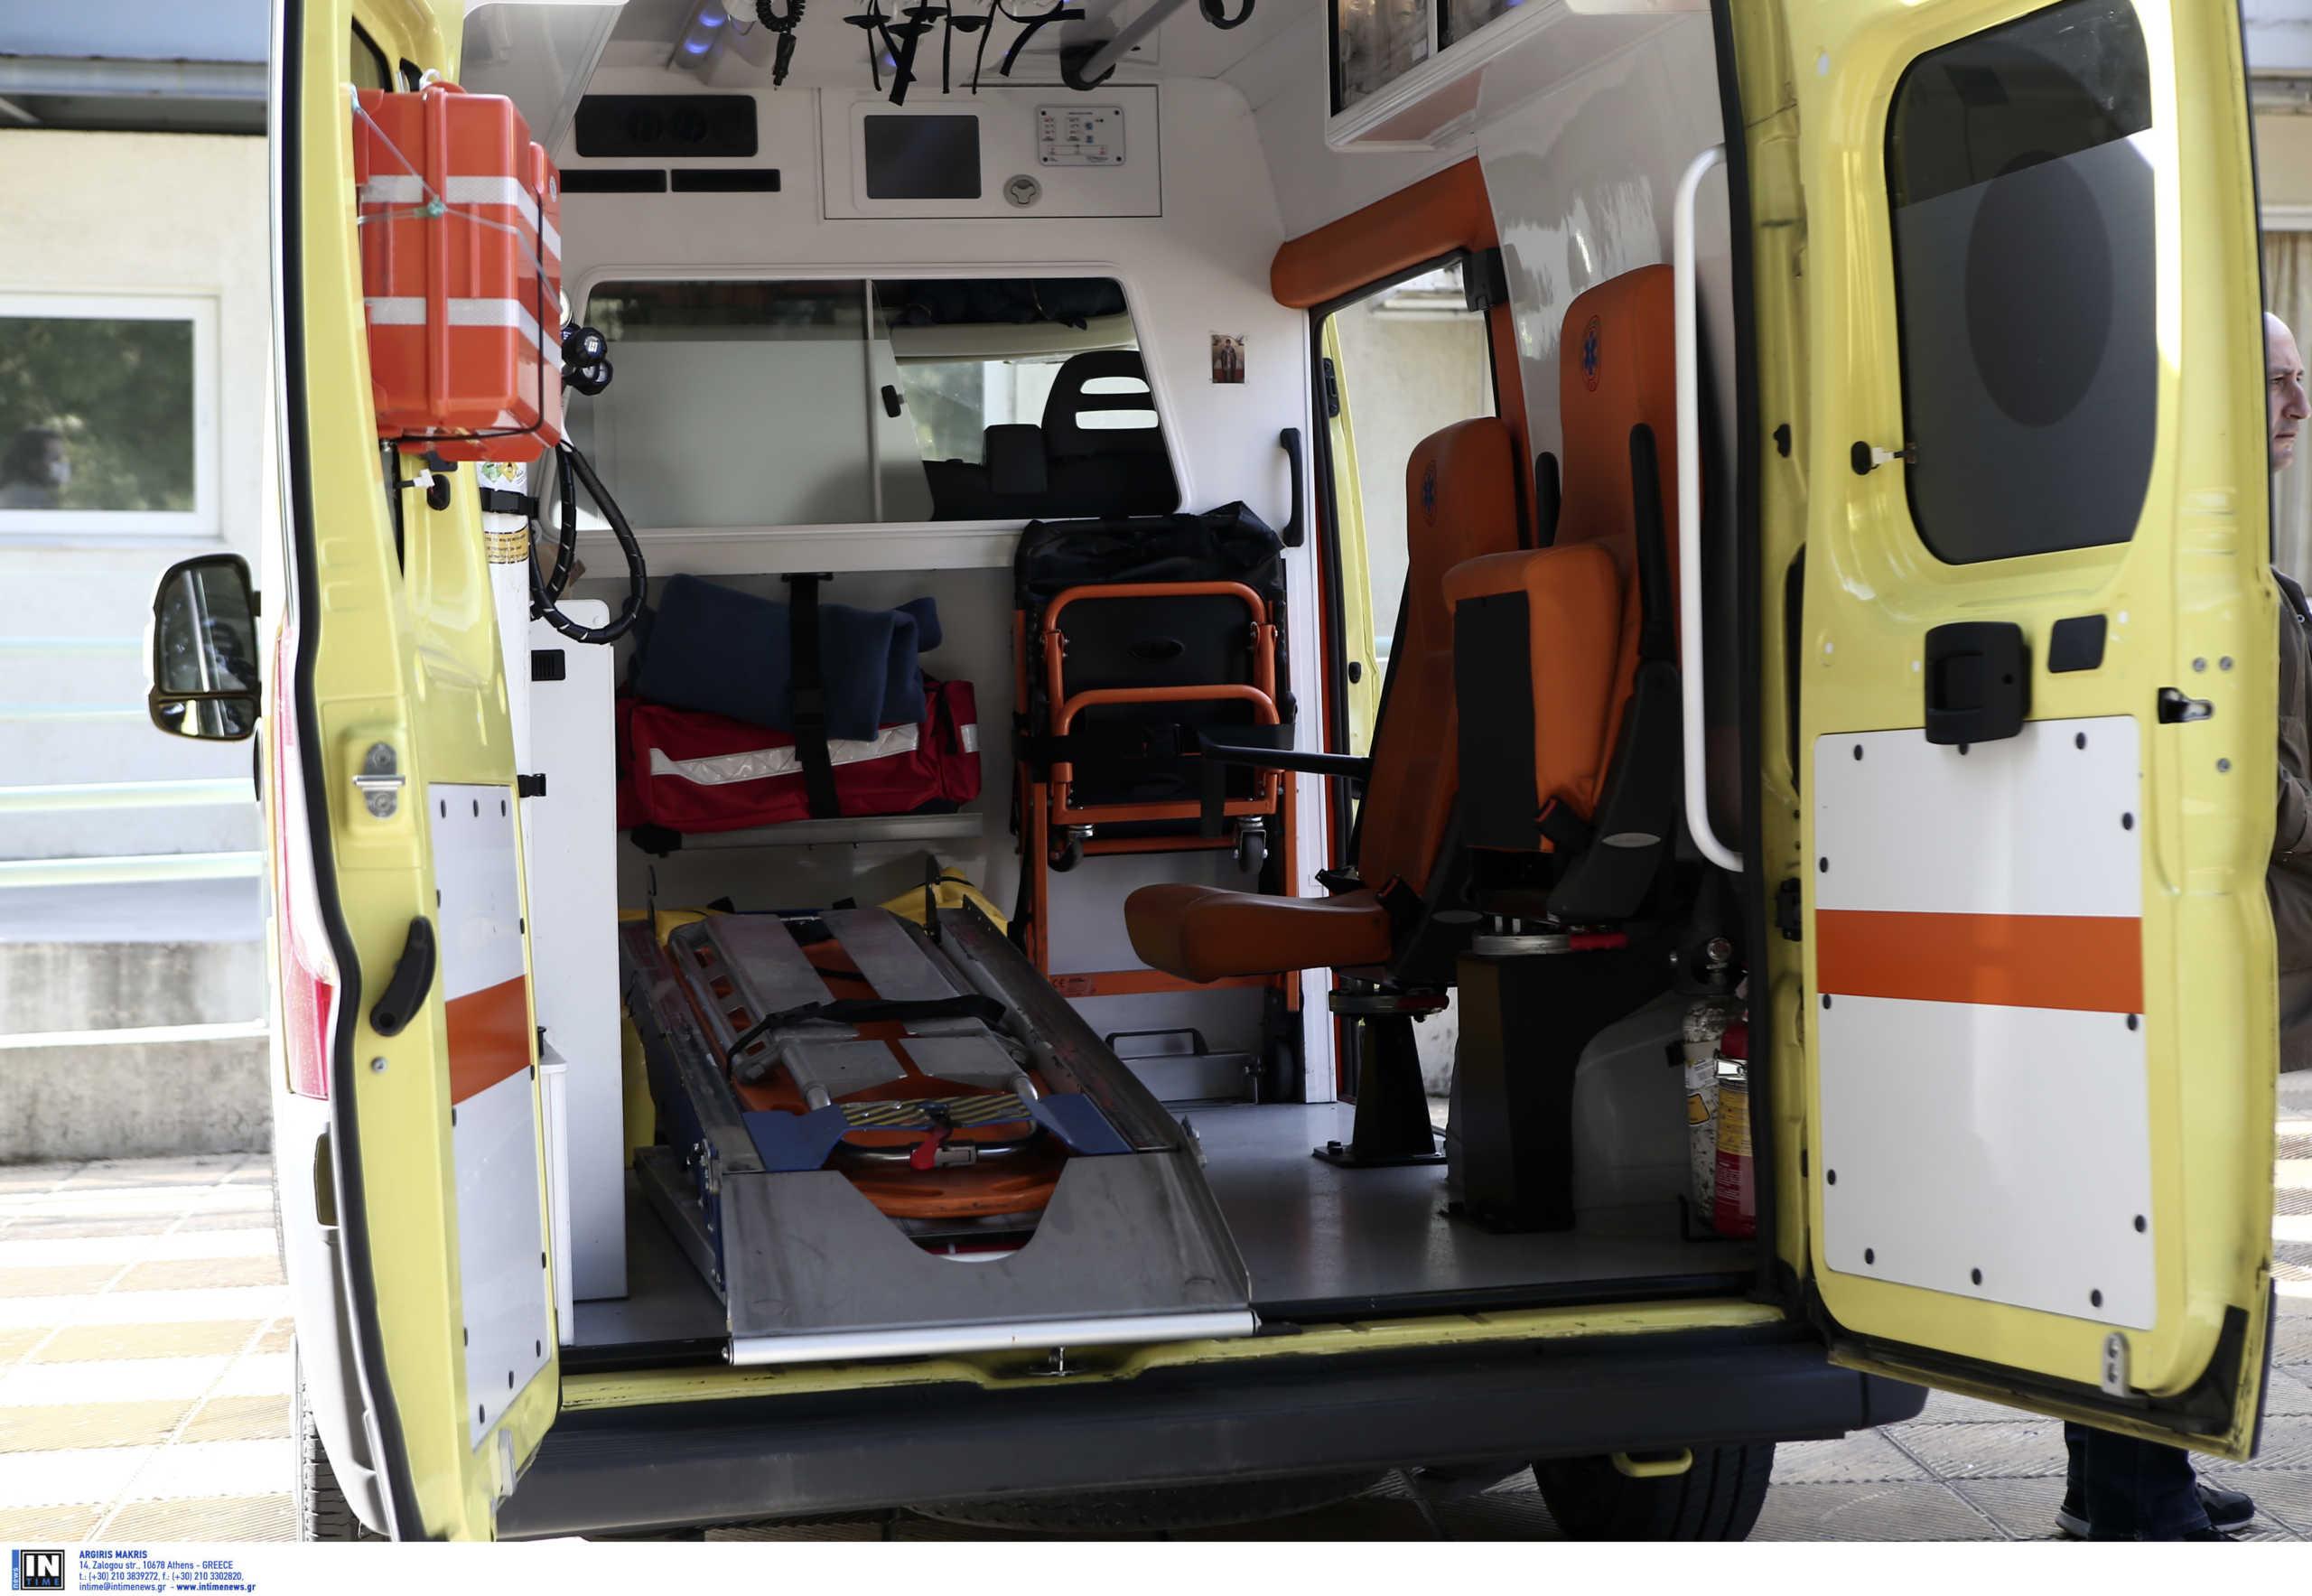 Βόλος: Οι φωνές ξεσκέπασαν το οικογενειακό δράμα! Στο νοσοκομείο γιαγιά από τα χτυπήματα του εγγονού της